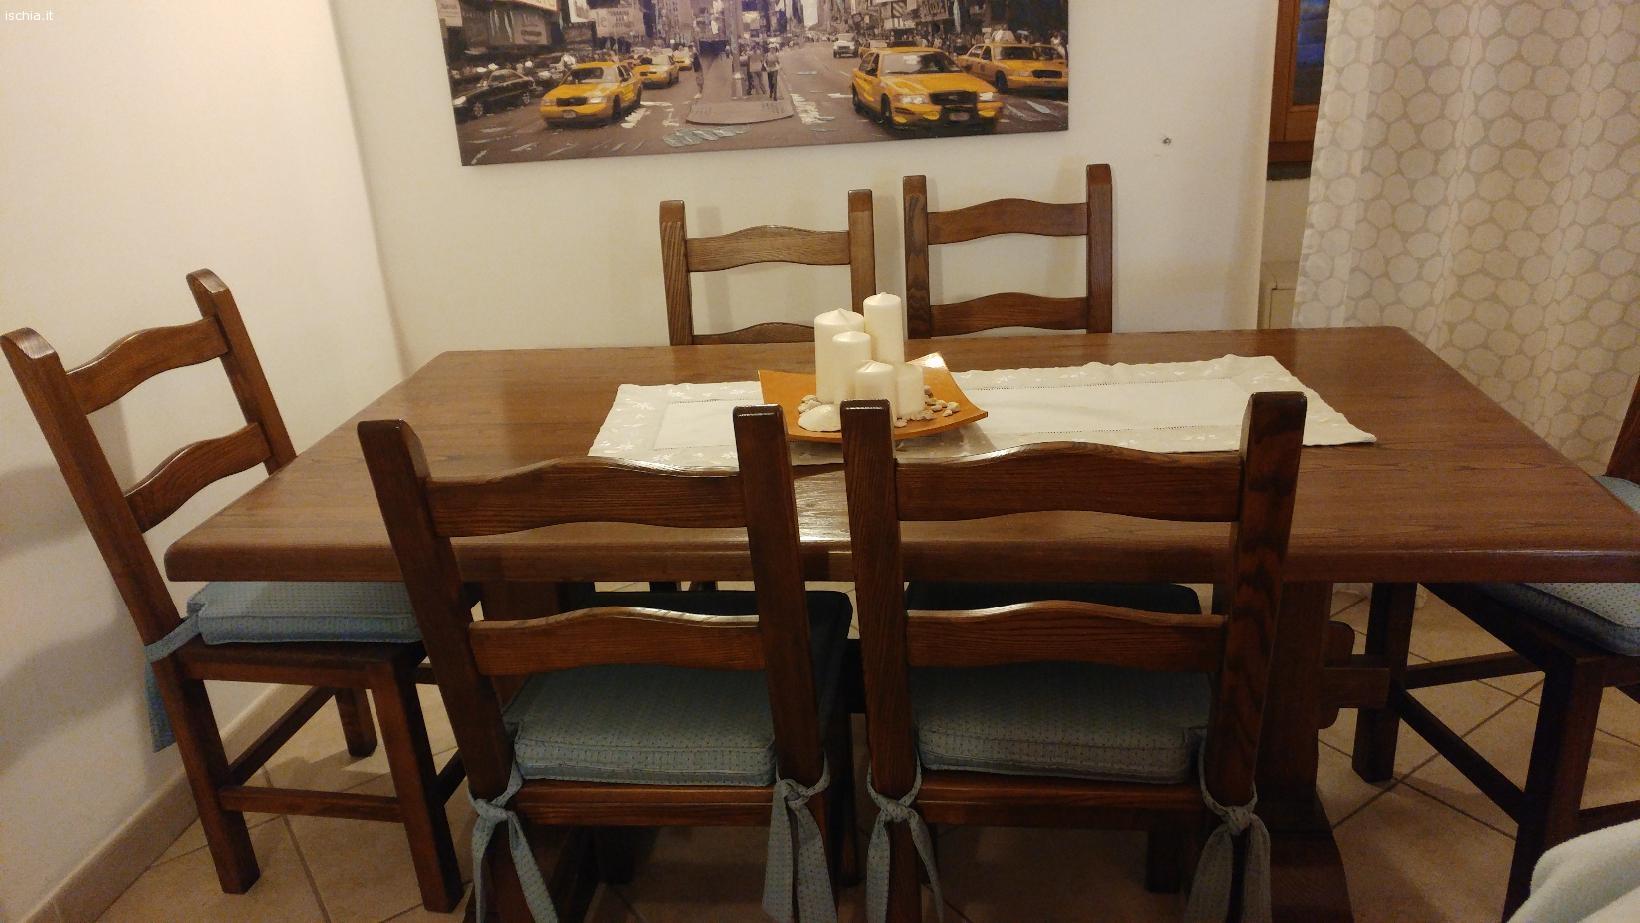 annunci mercatino usato vendo tavolo e sedie